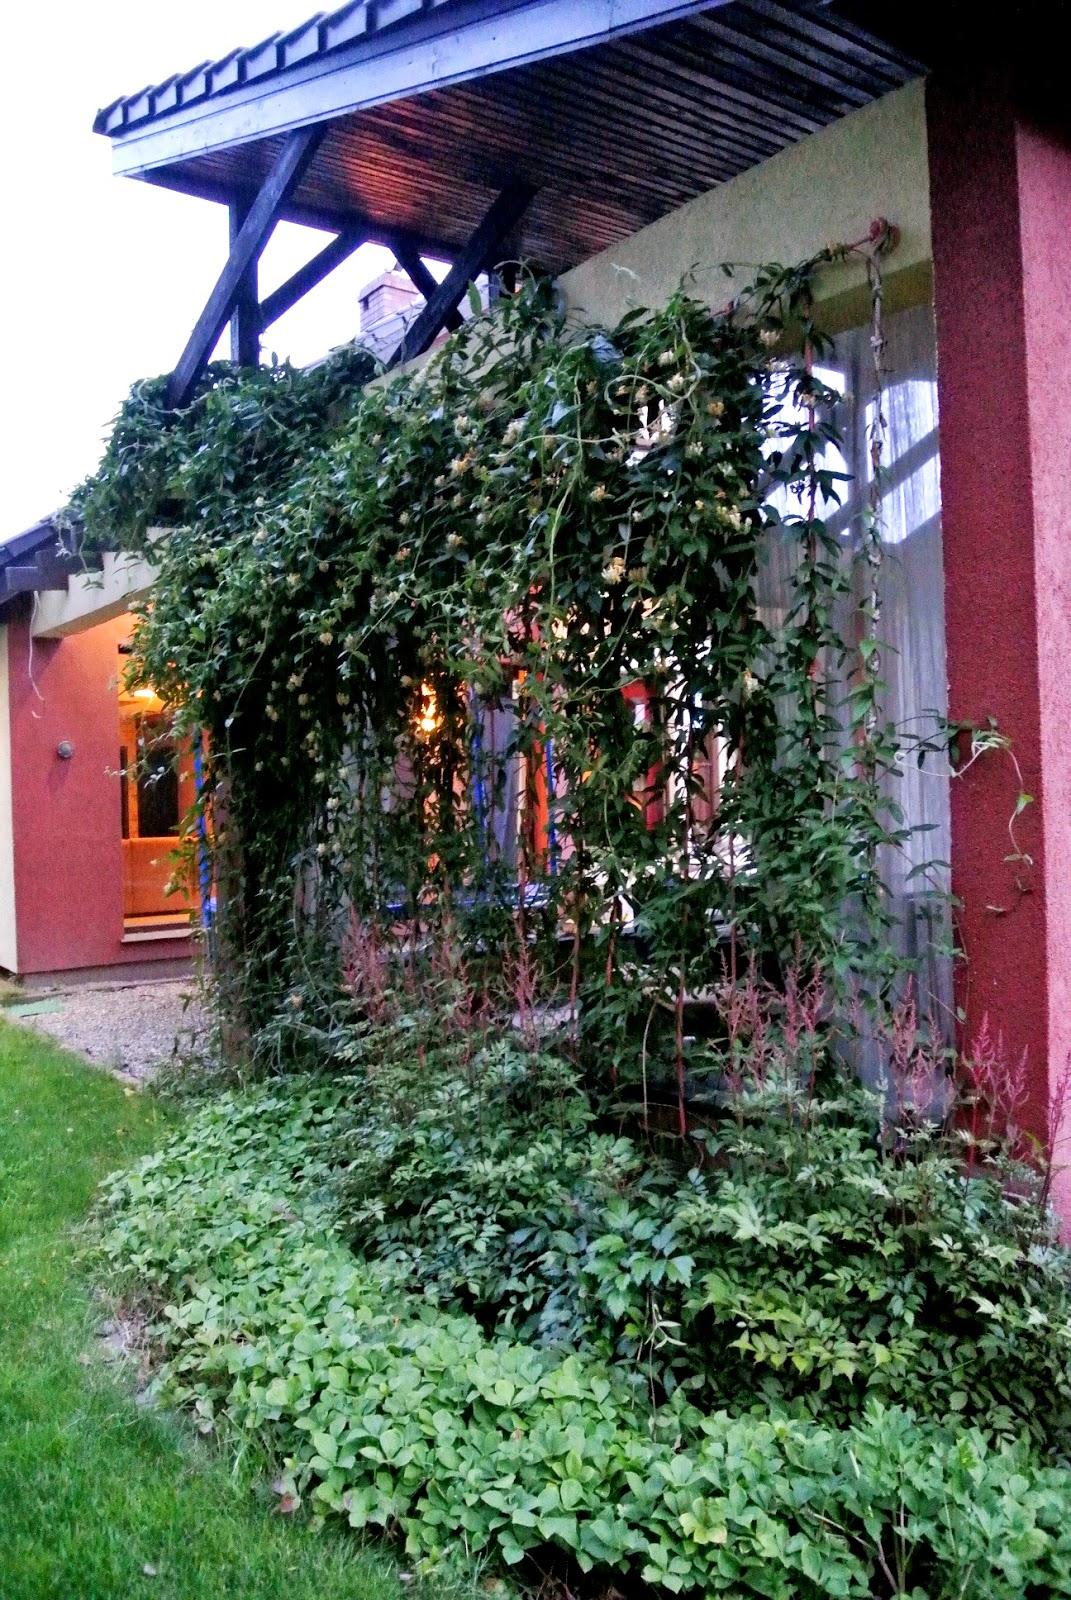 ściana pnączy,na czym puścić pnącze,sznur do pnączy,wiciokrzew,dereń kanadyjski,grill w ogrodzie,miejsce na grila w ogródku,nietypowy grill,nietypowy taras,wyjątkowy dom,ciemna elewacja,skośny dach na tarasie,zadaszony taras